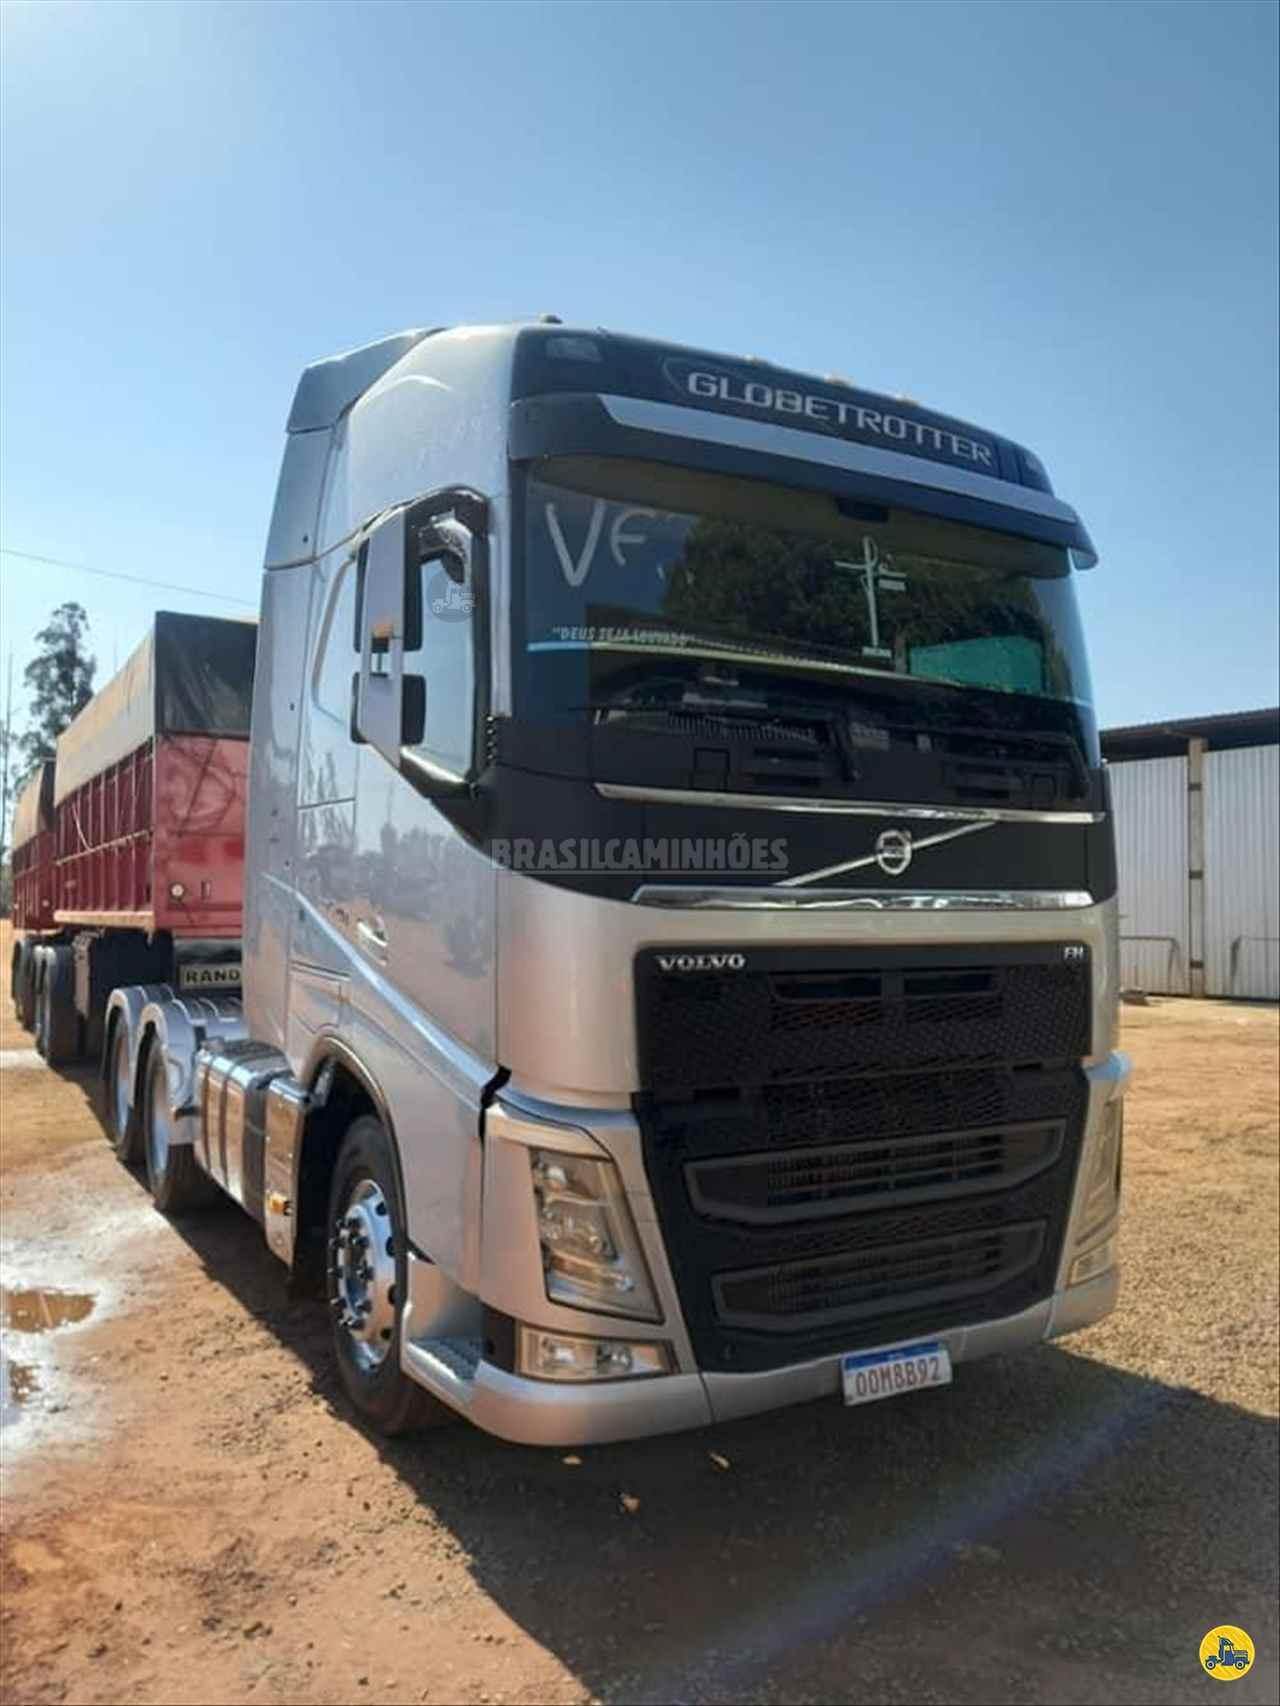 CAMINHAO VOLVO VOLVO FH 540 Graneleiro Traçado 6x4 Brasil Caminhões Sinop SINOP MATO GROSSO MT